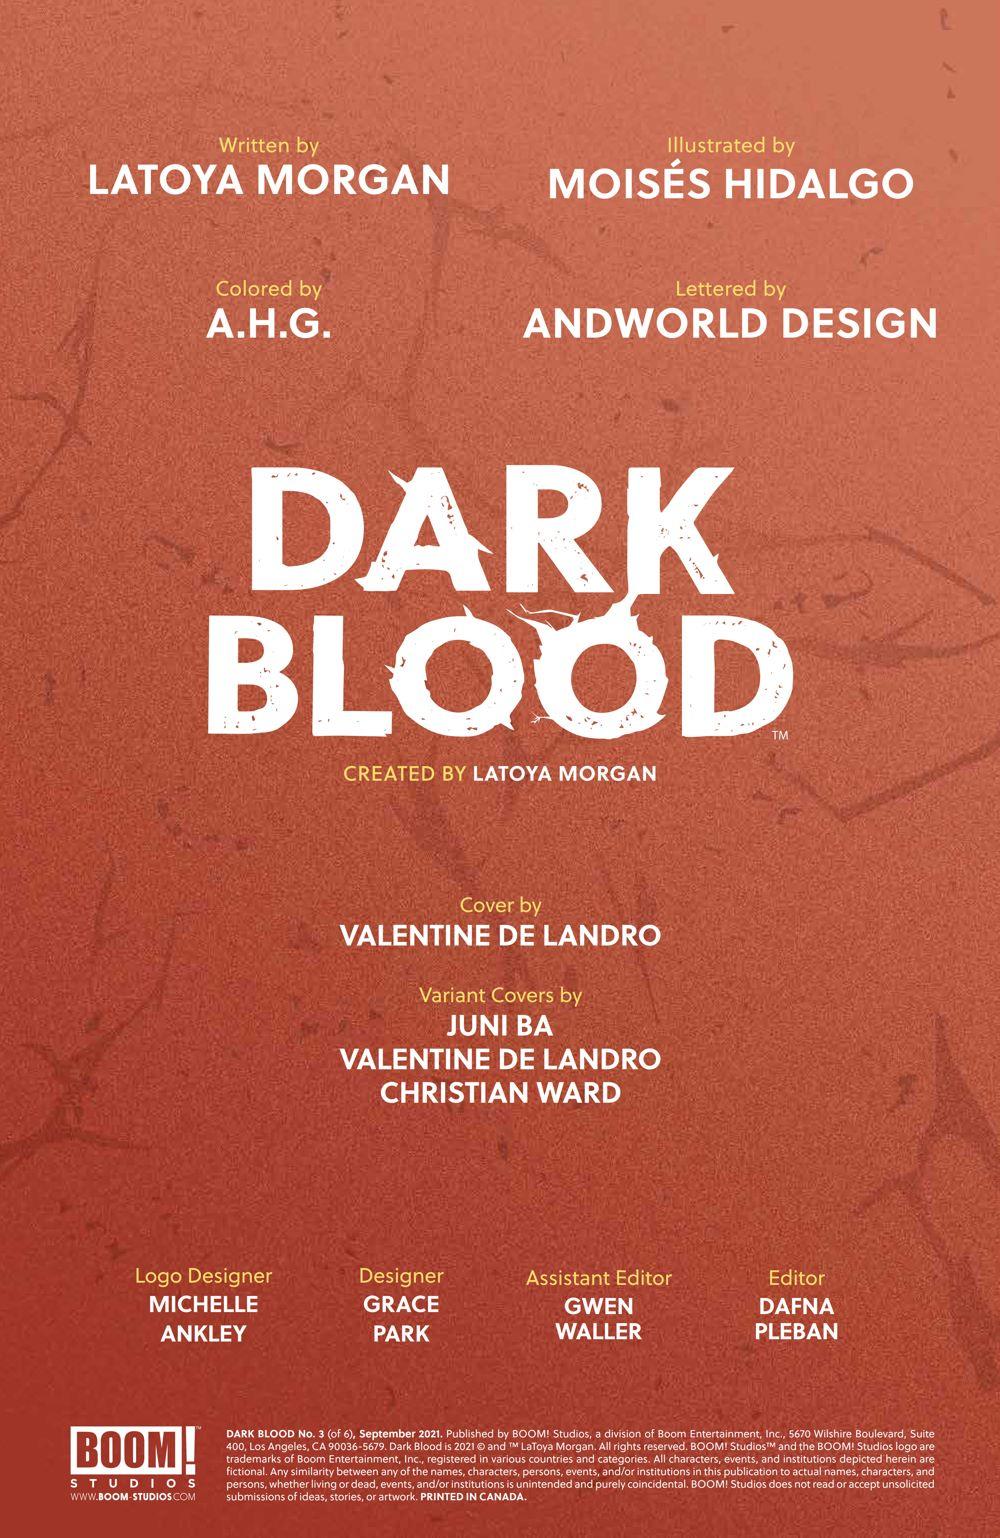 DarkBlood_003_PRESS_2 ComicList Previews: DARK BLOOD #3 (OF 6)